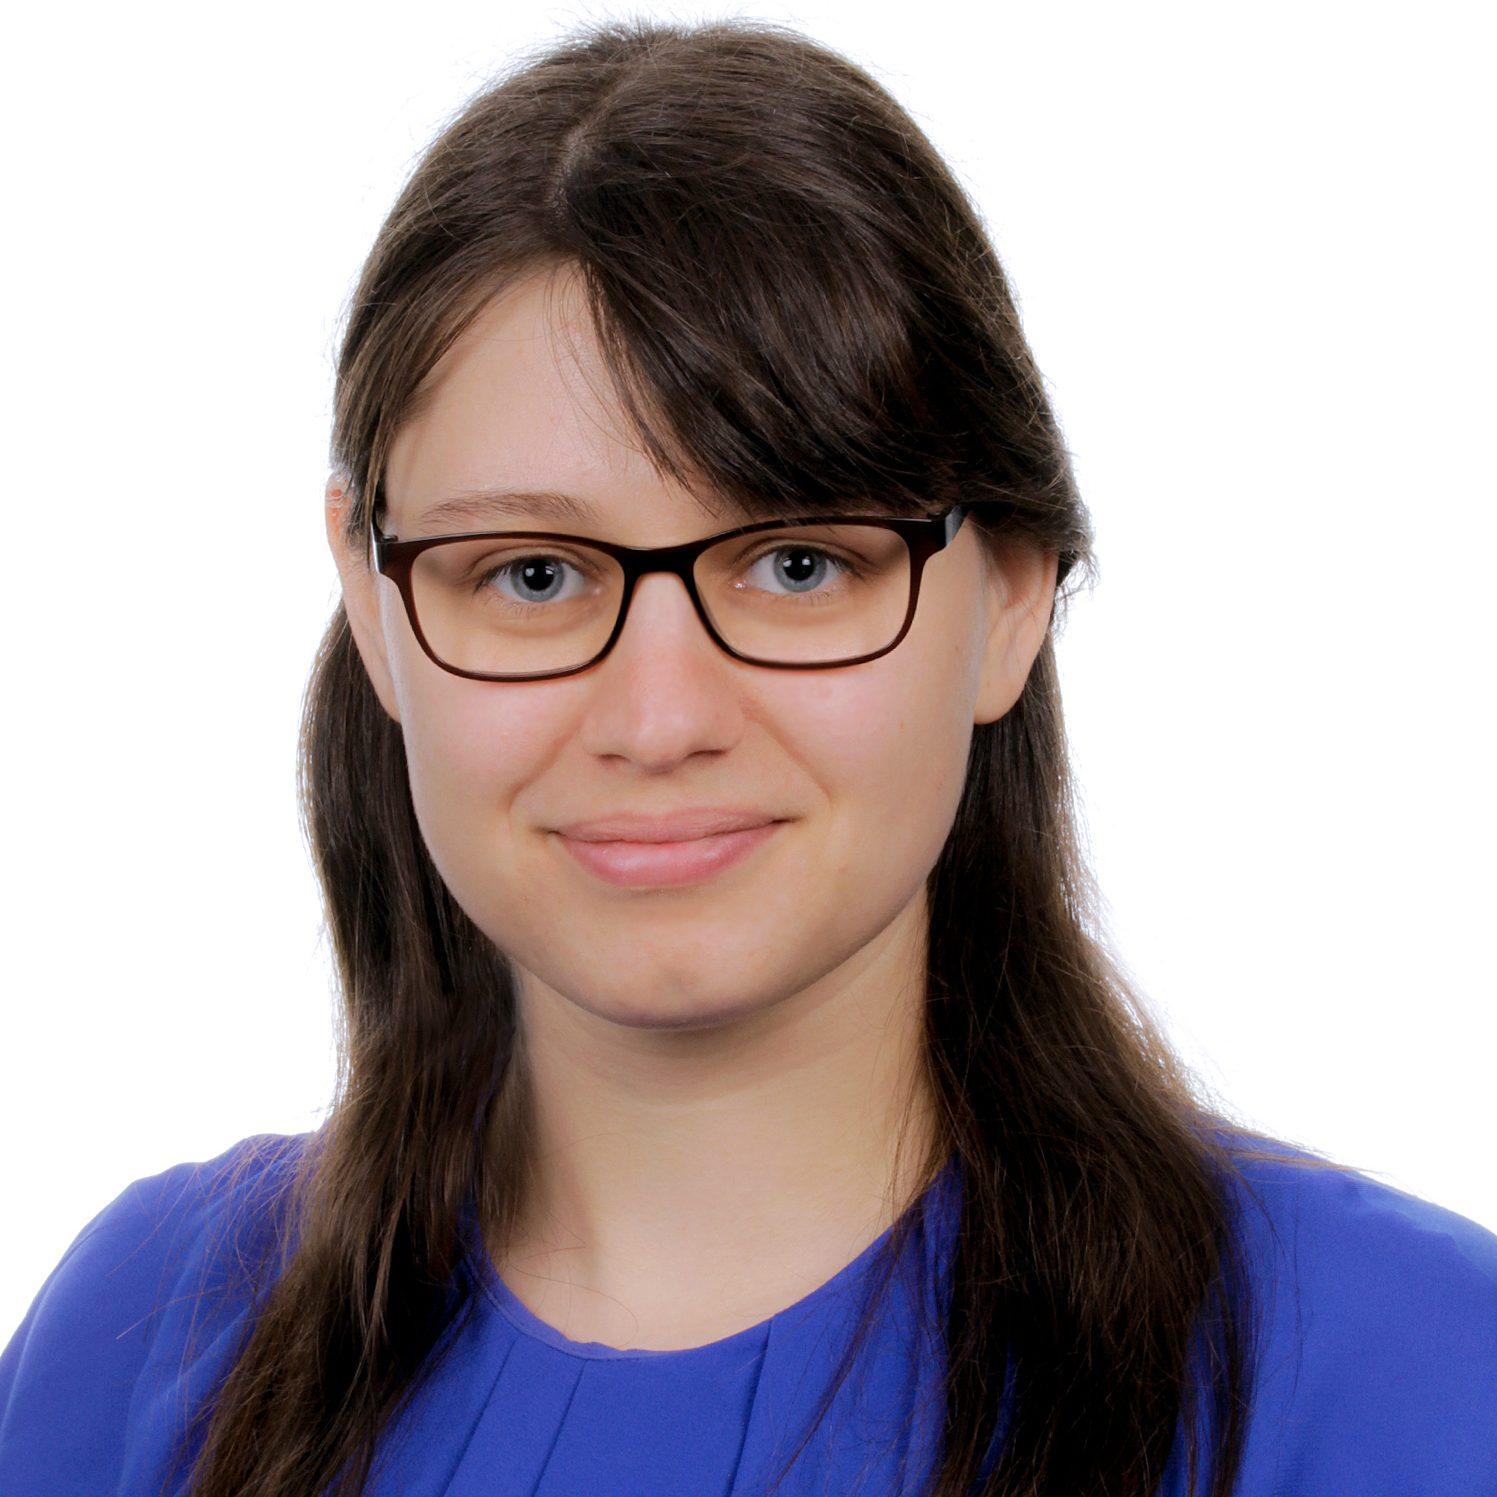 Oikos Pauline Sprenger